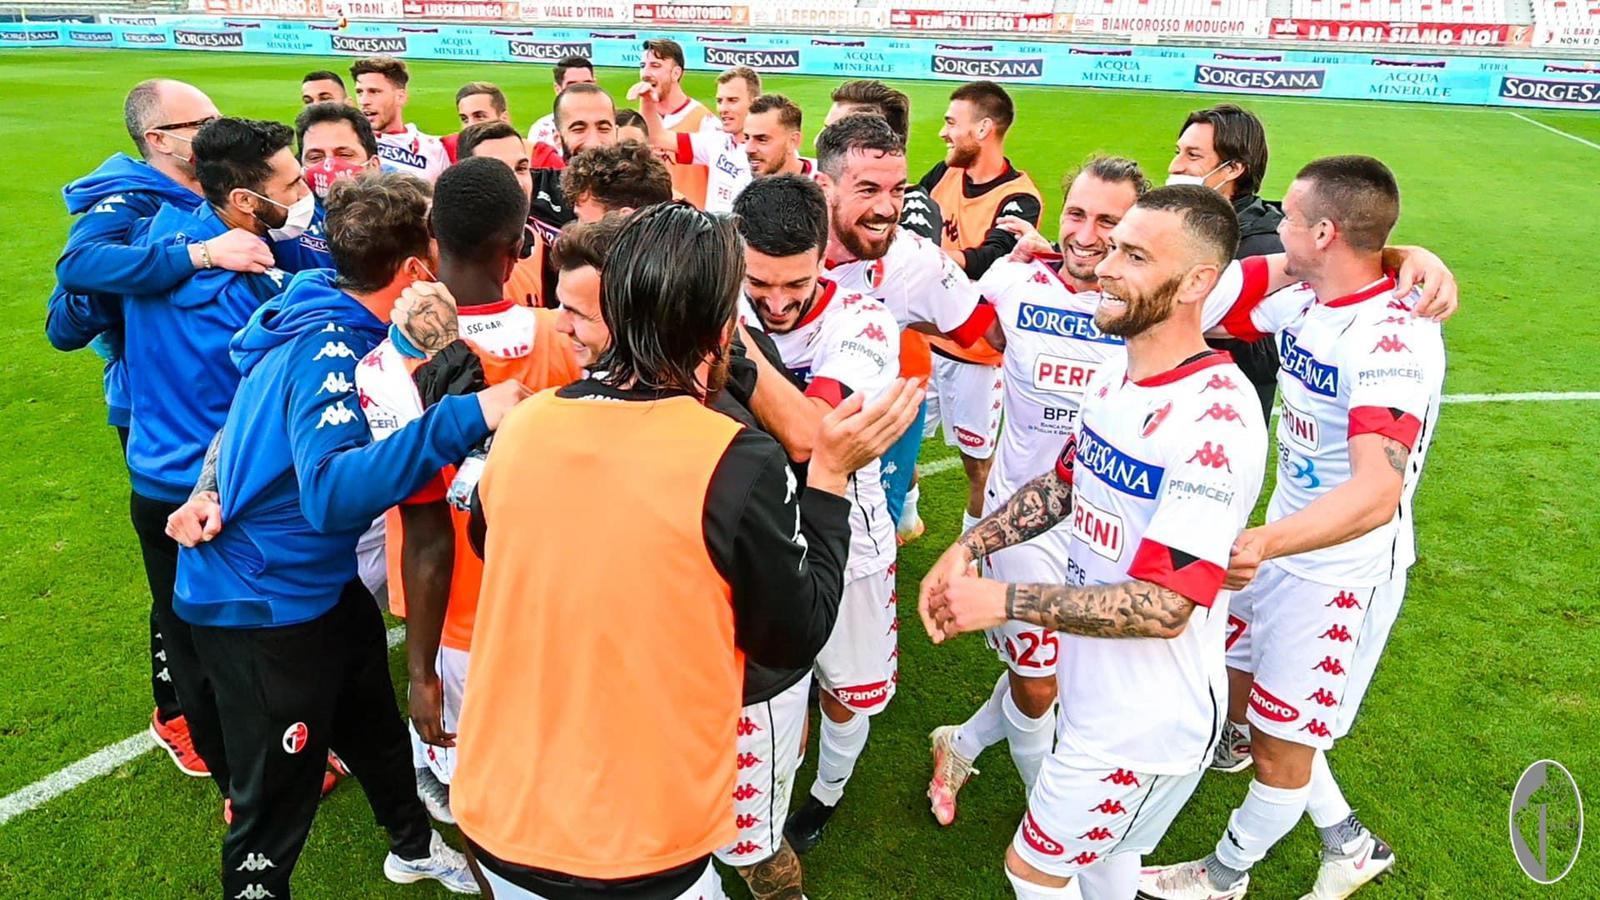 Serie C, Bari fuori dai playoff: a passare è la Feralpisalò ⋆ lagoleada.it